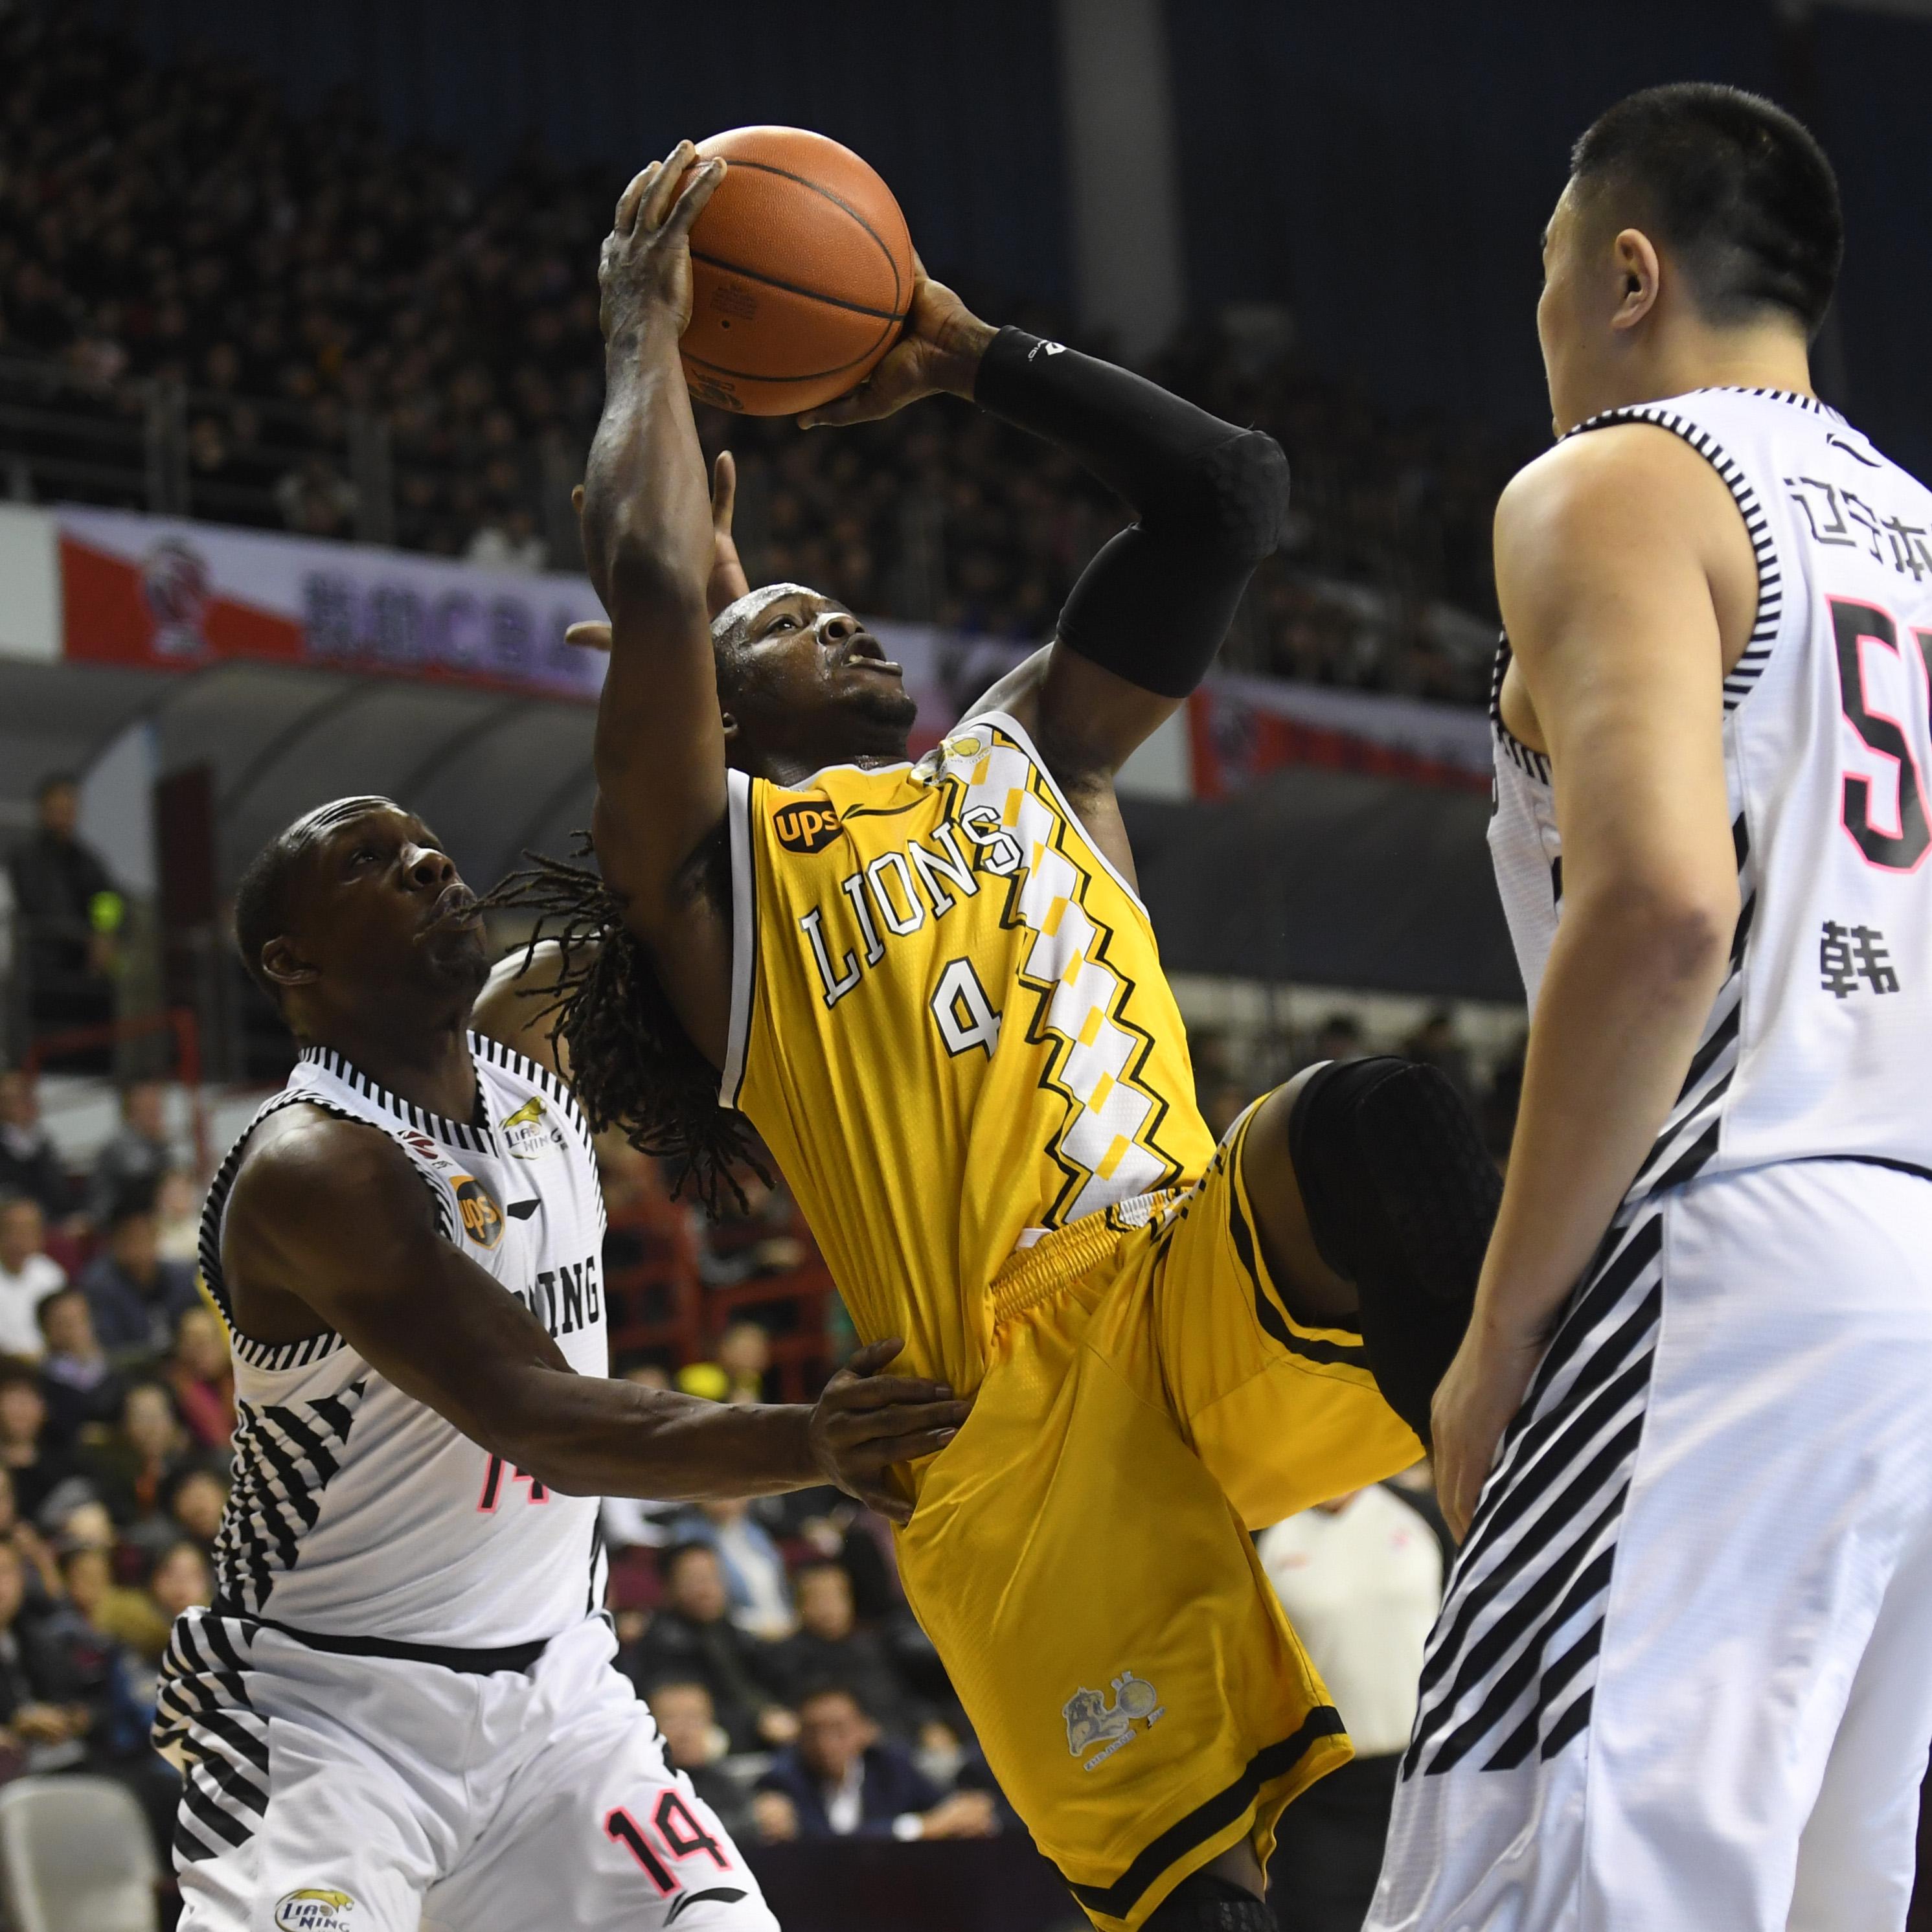 图为浙江广厦队球员福特森(中)在比赛中投篮。